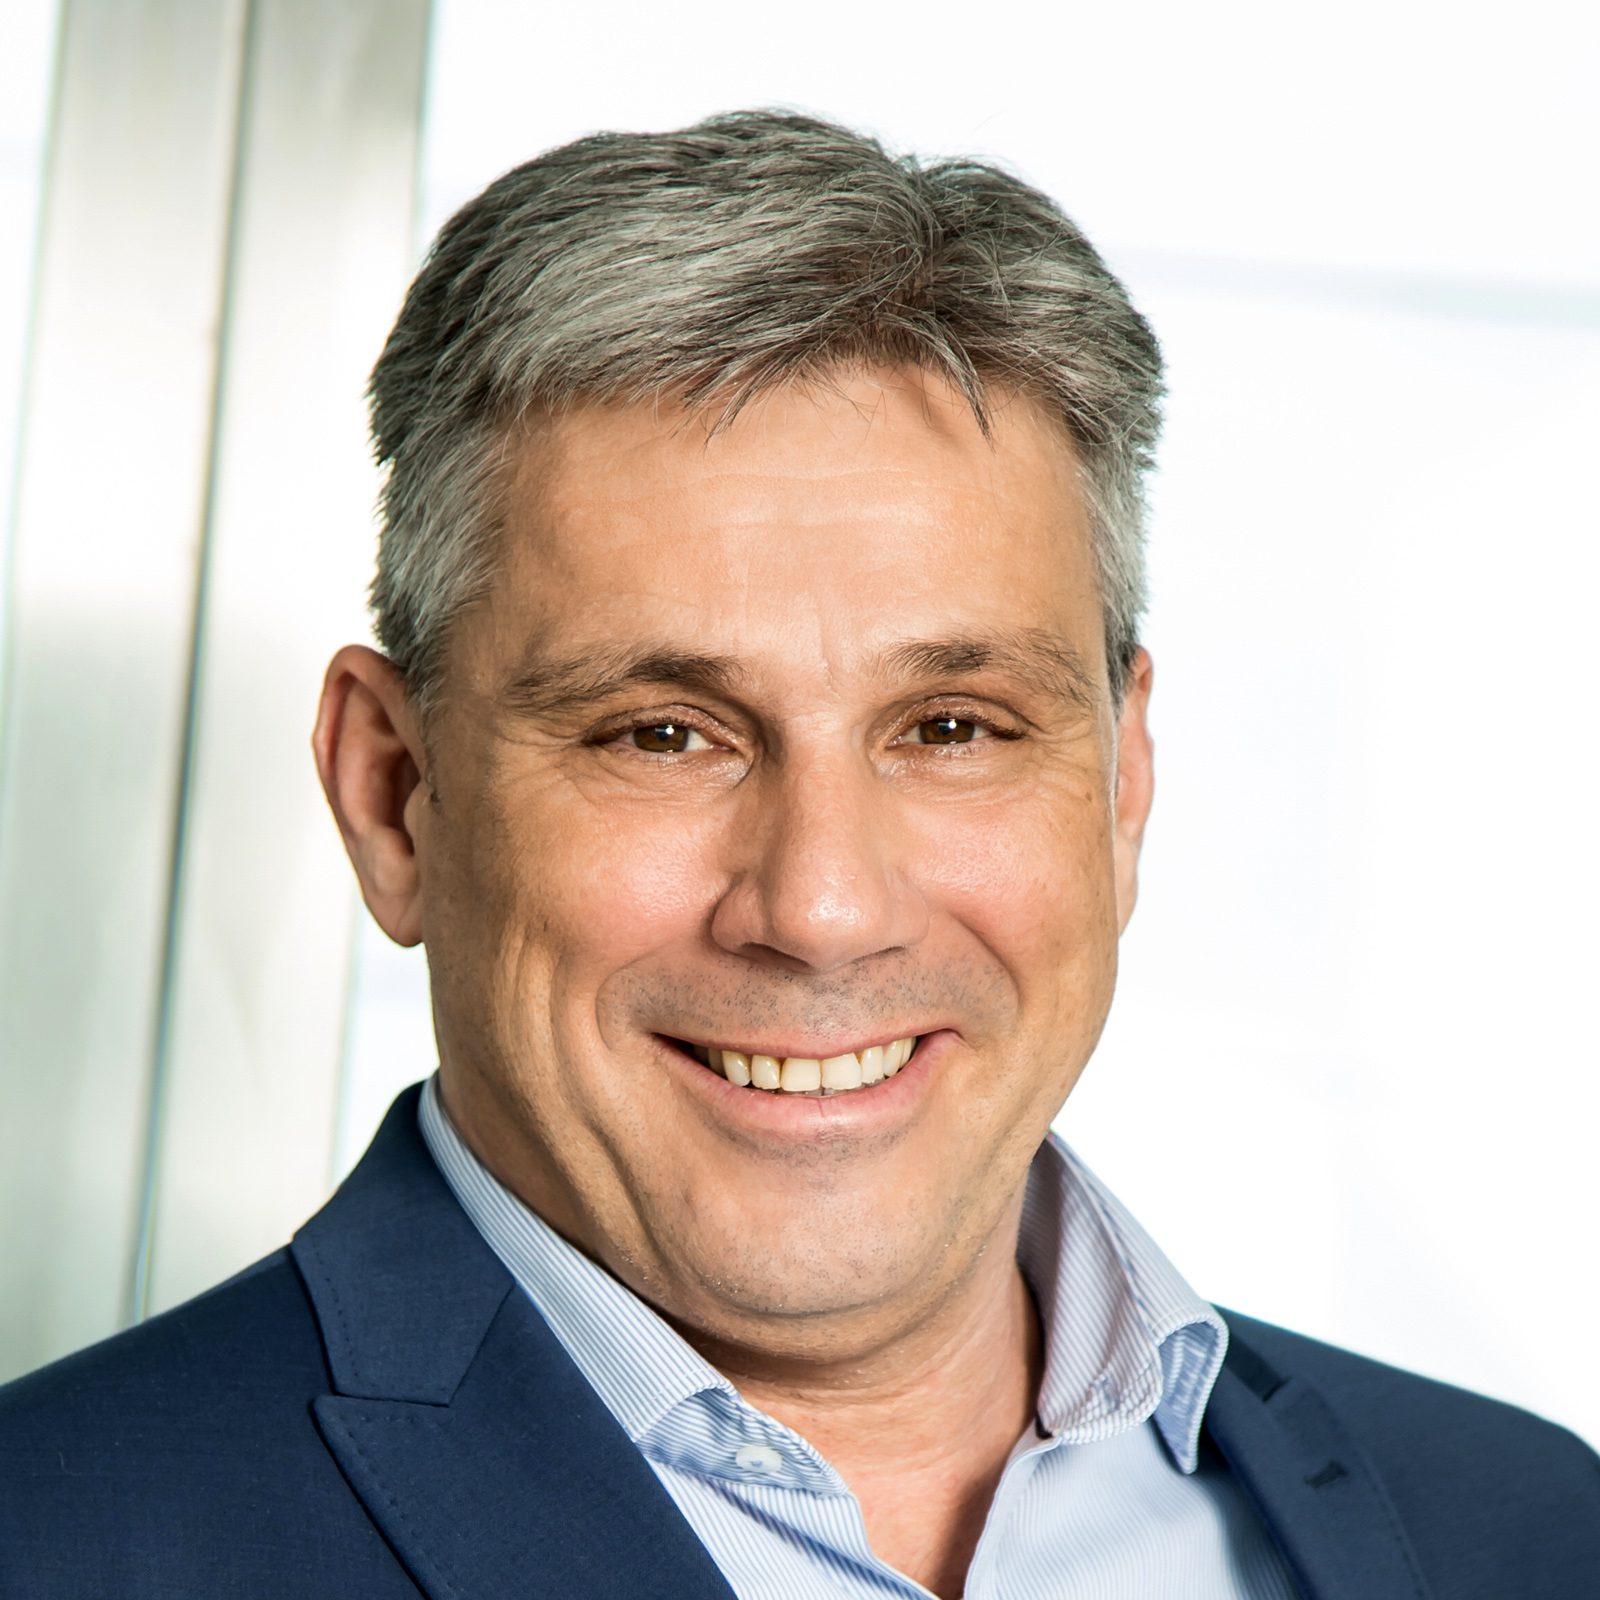 Holger May